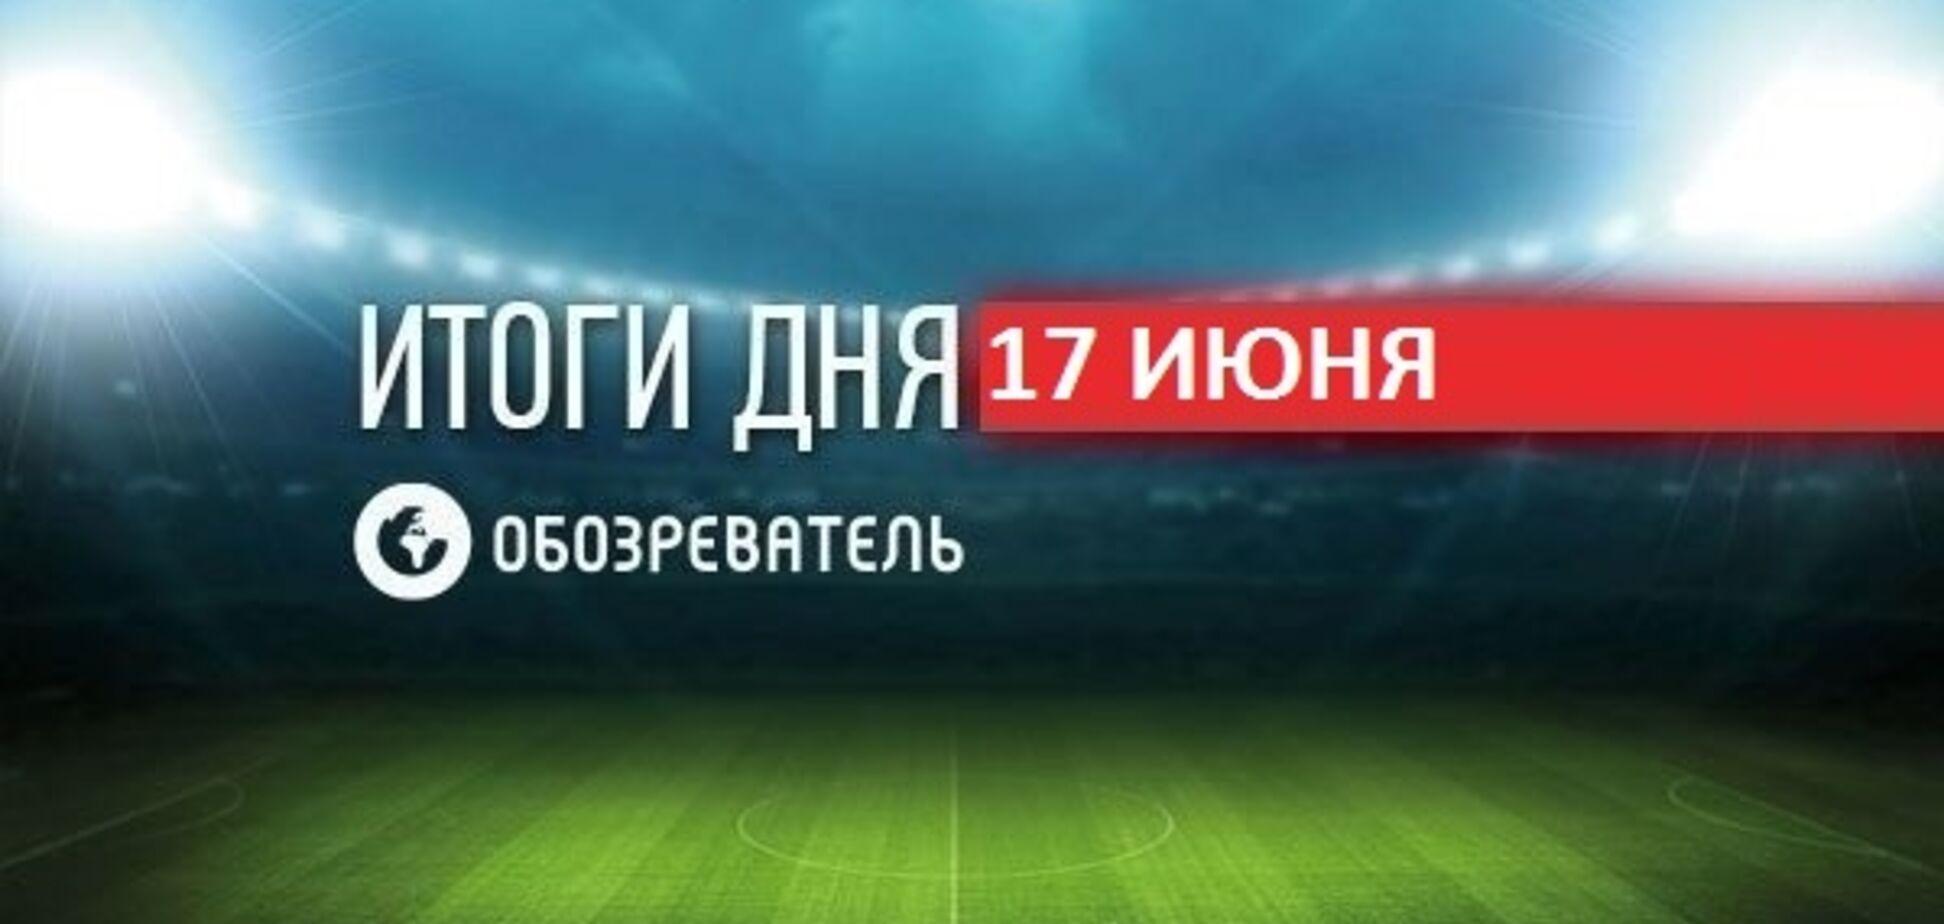 Хачеріді розповів, як показав прапор України у РФ: спортивні підсумки 17 червня